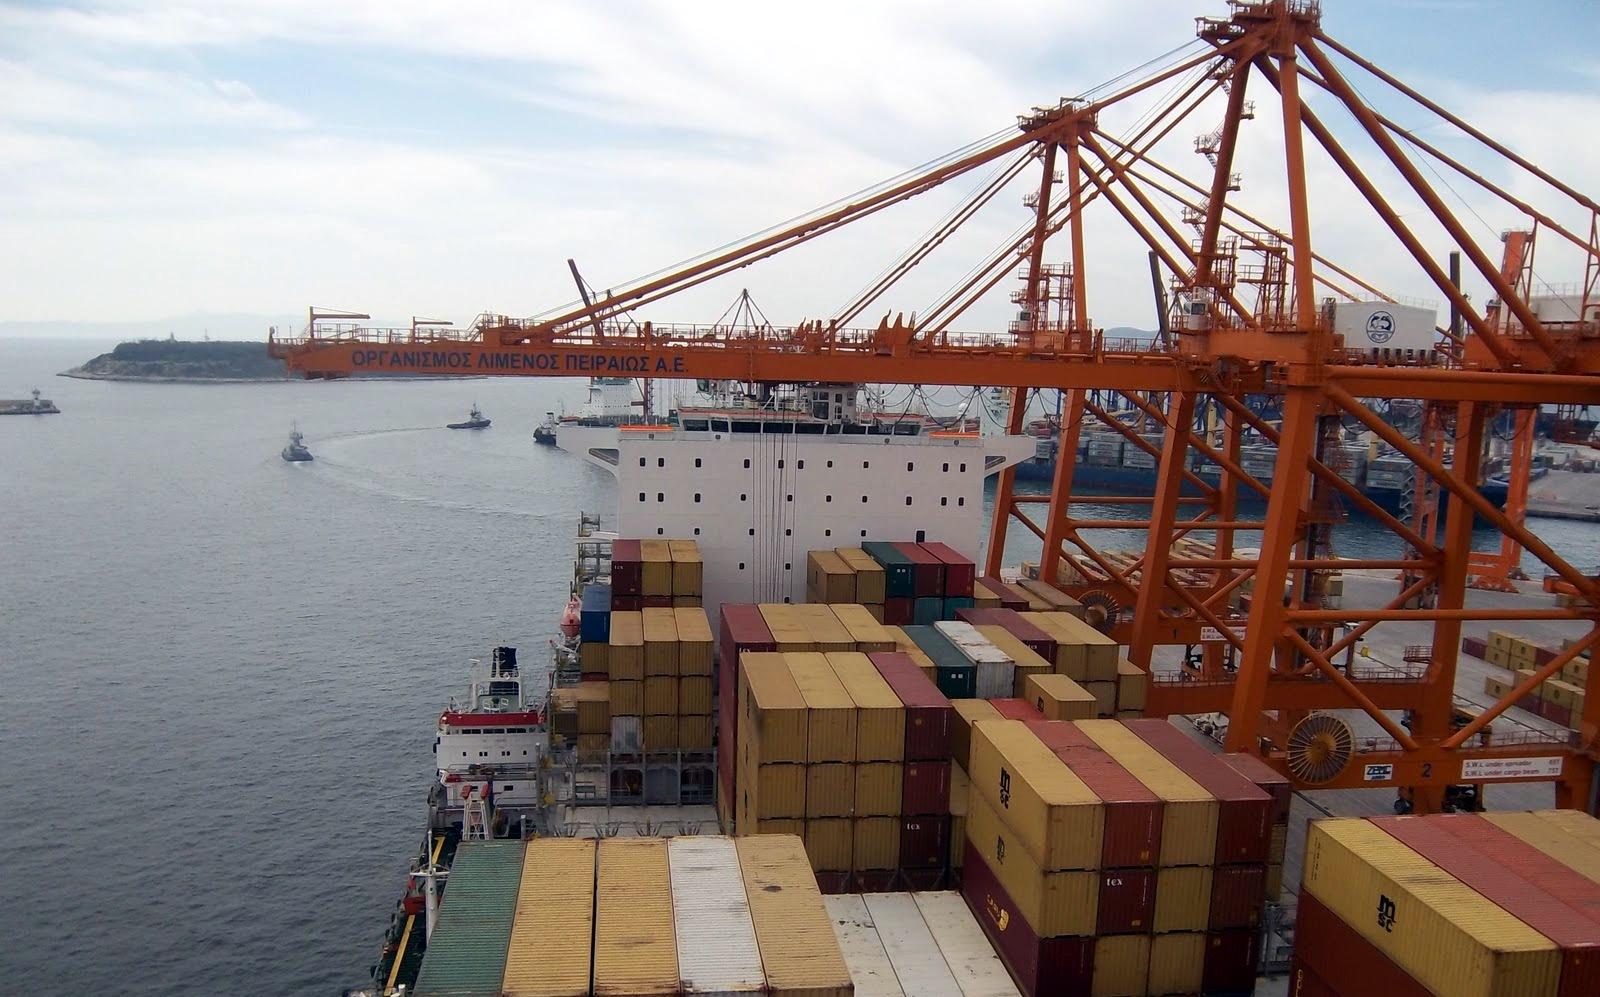 Final bid for the port of Piraeustoday